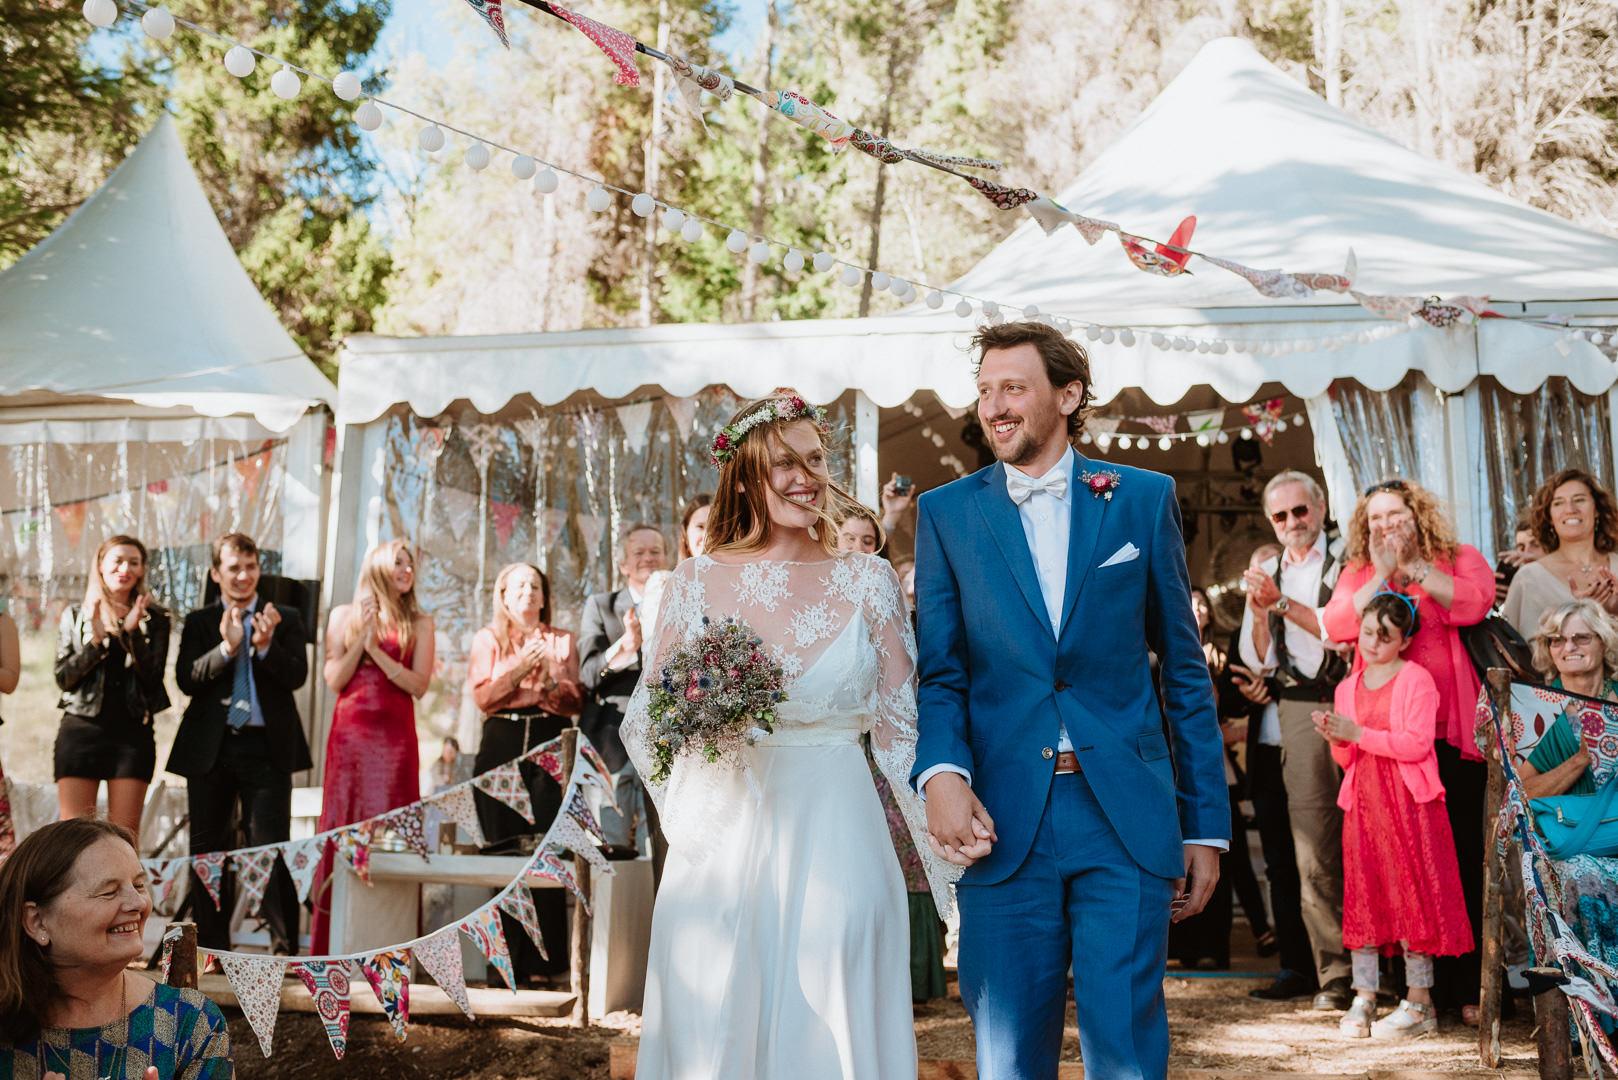 fotos casamiento en el bosque en bariloche